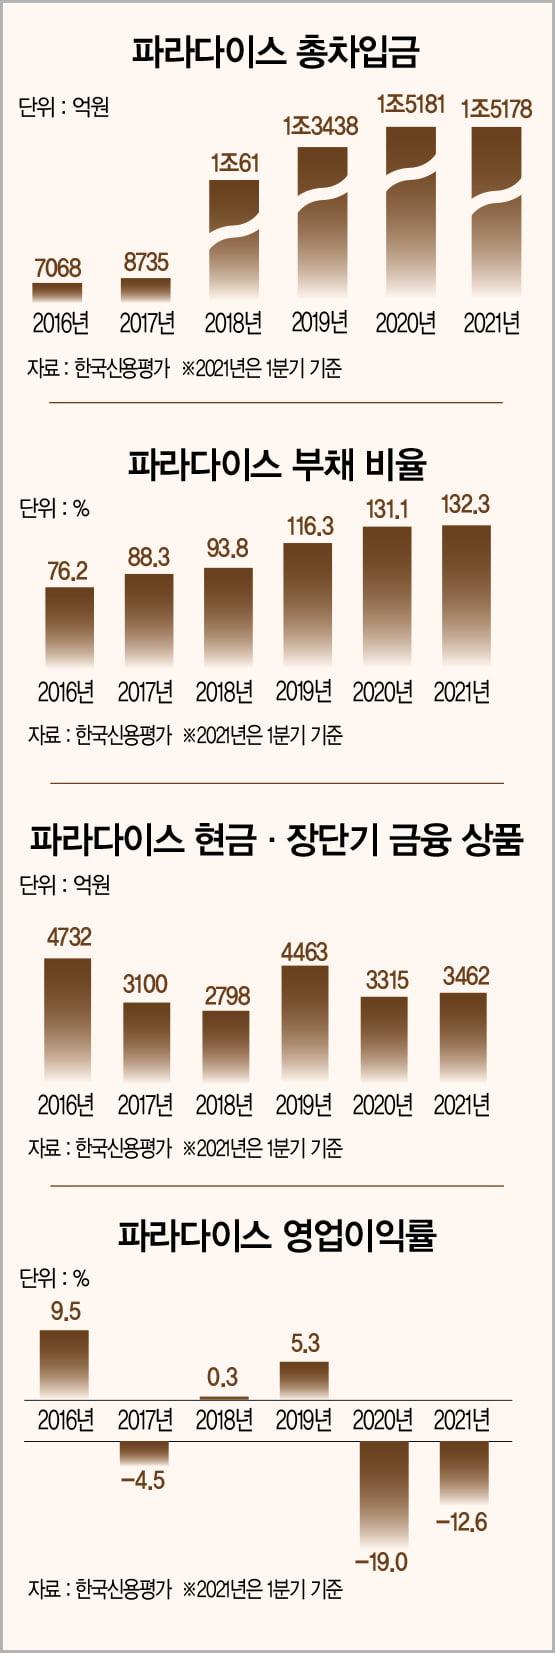 '코로나19 암흑기' 끝 부활 드라마 쓰는 파라다이스